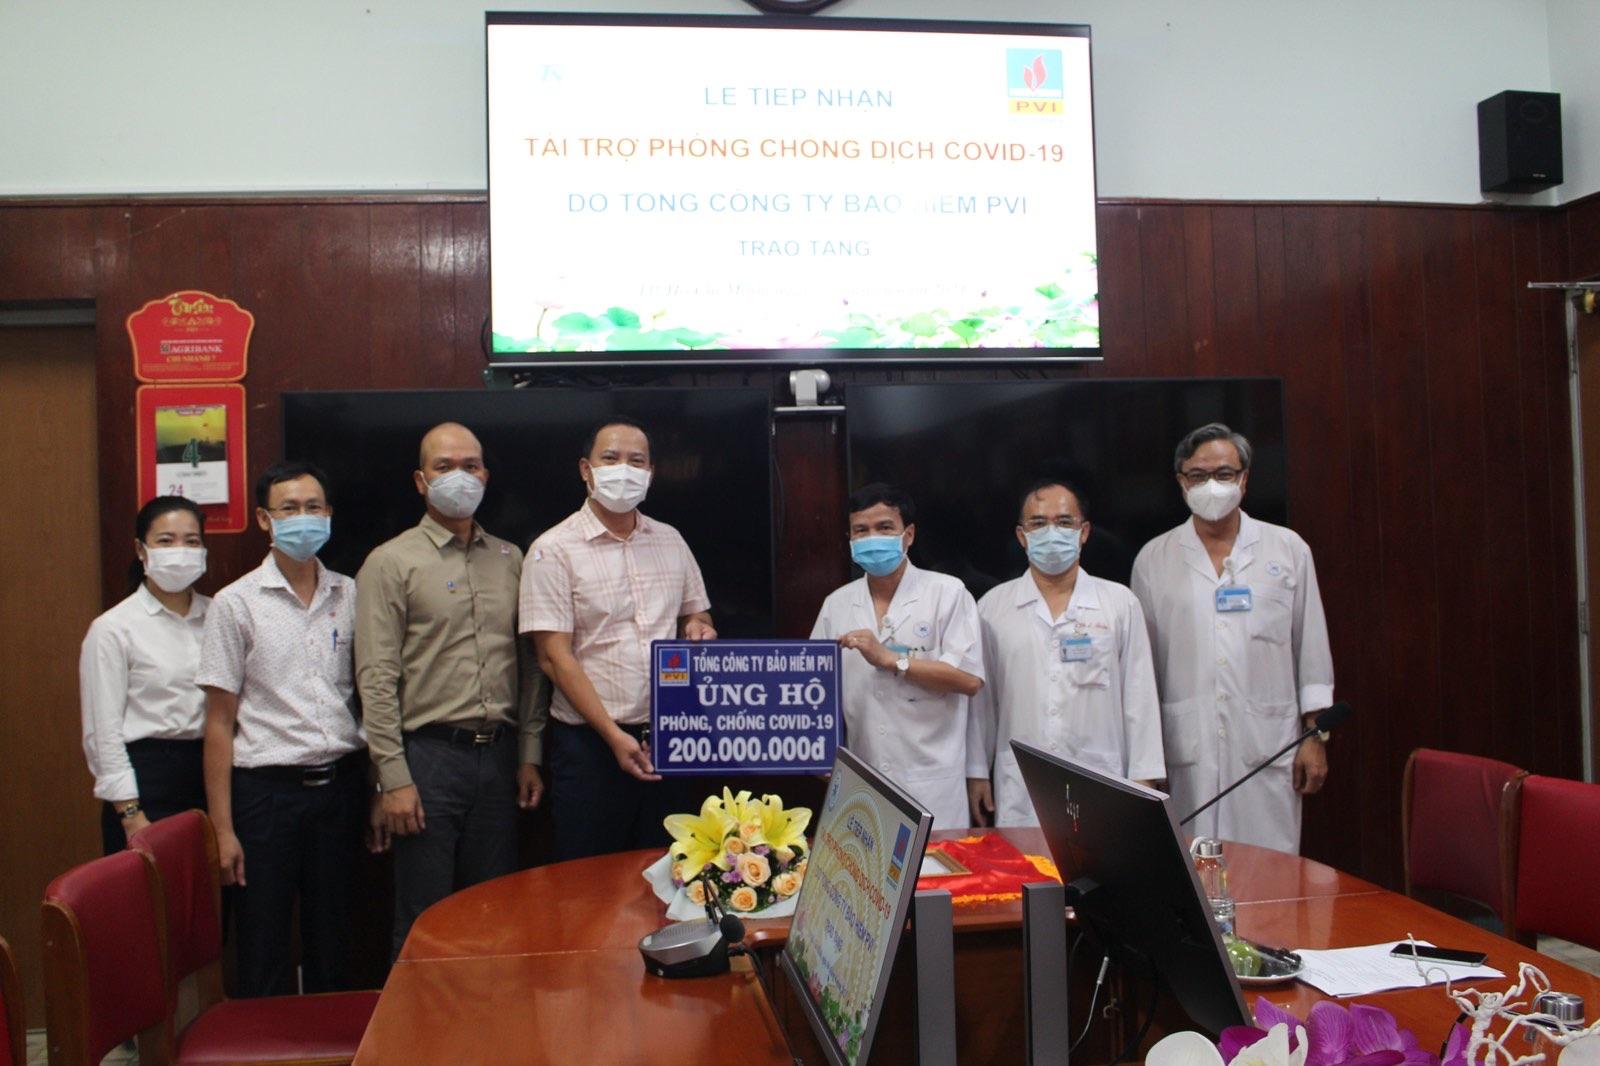 Bảo hiểm PVI ủng hộ chương trình phòng chống Covid-19 tại các bệnh viện và địa phương